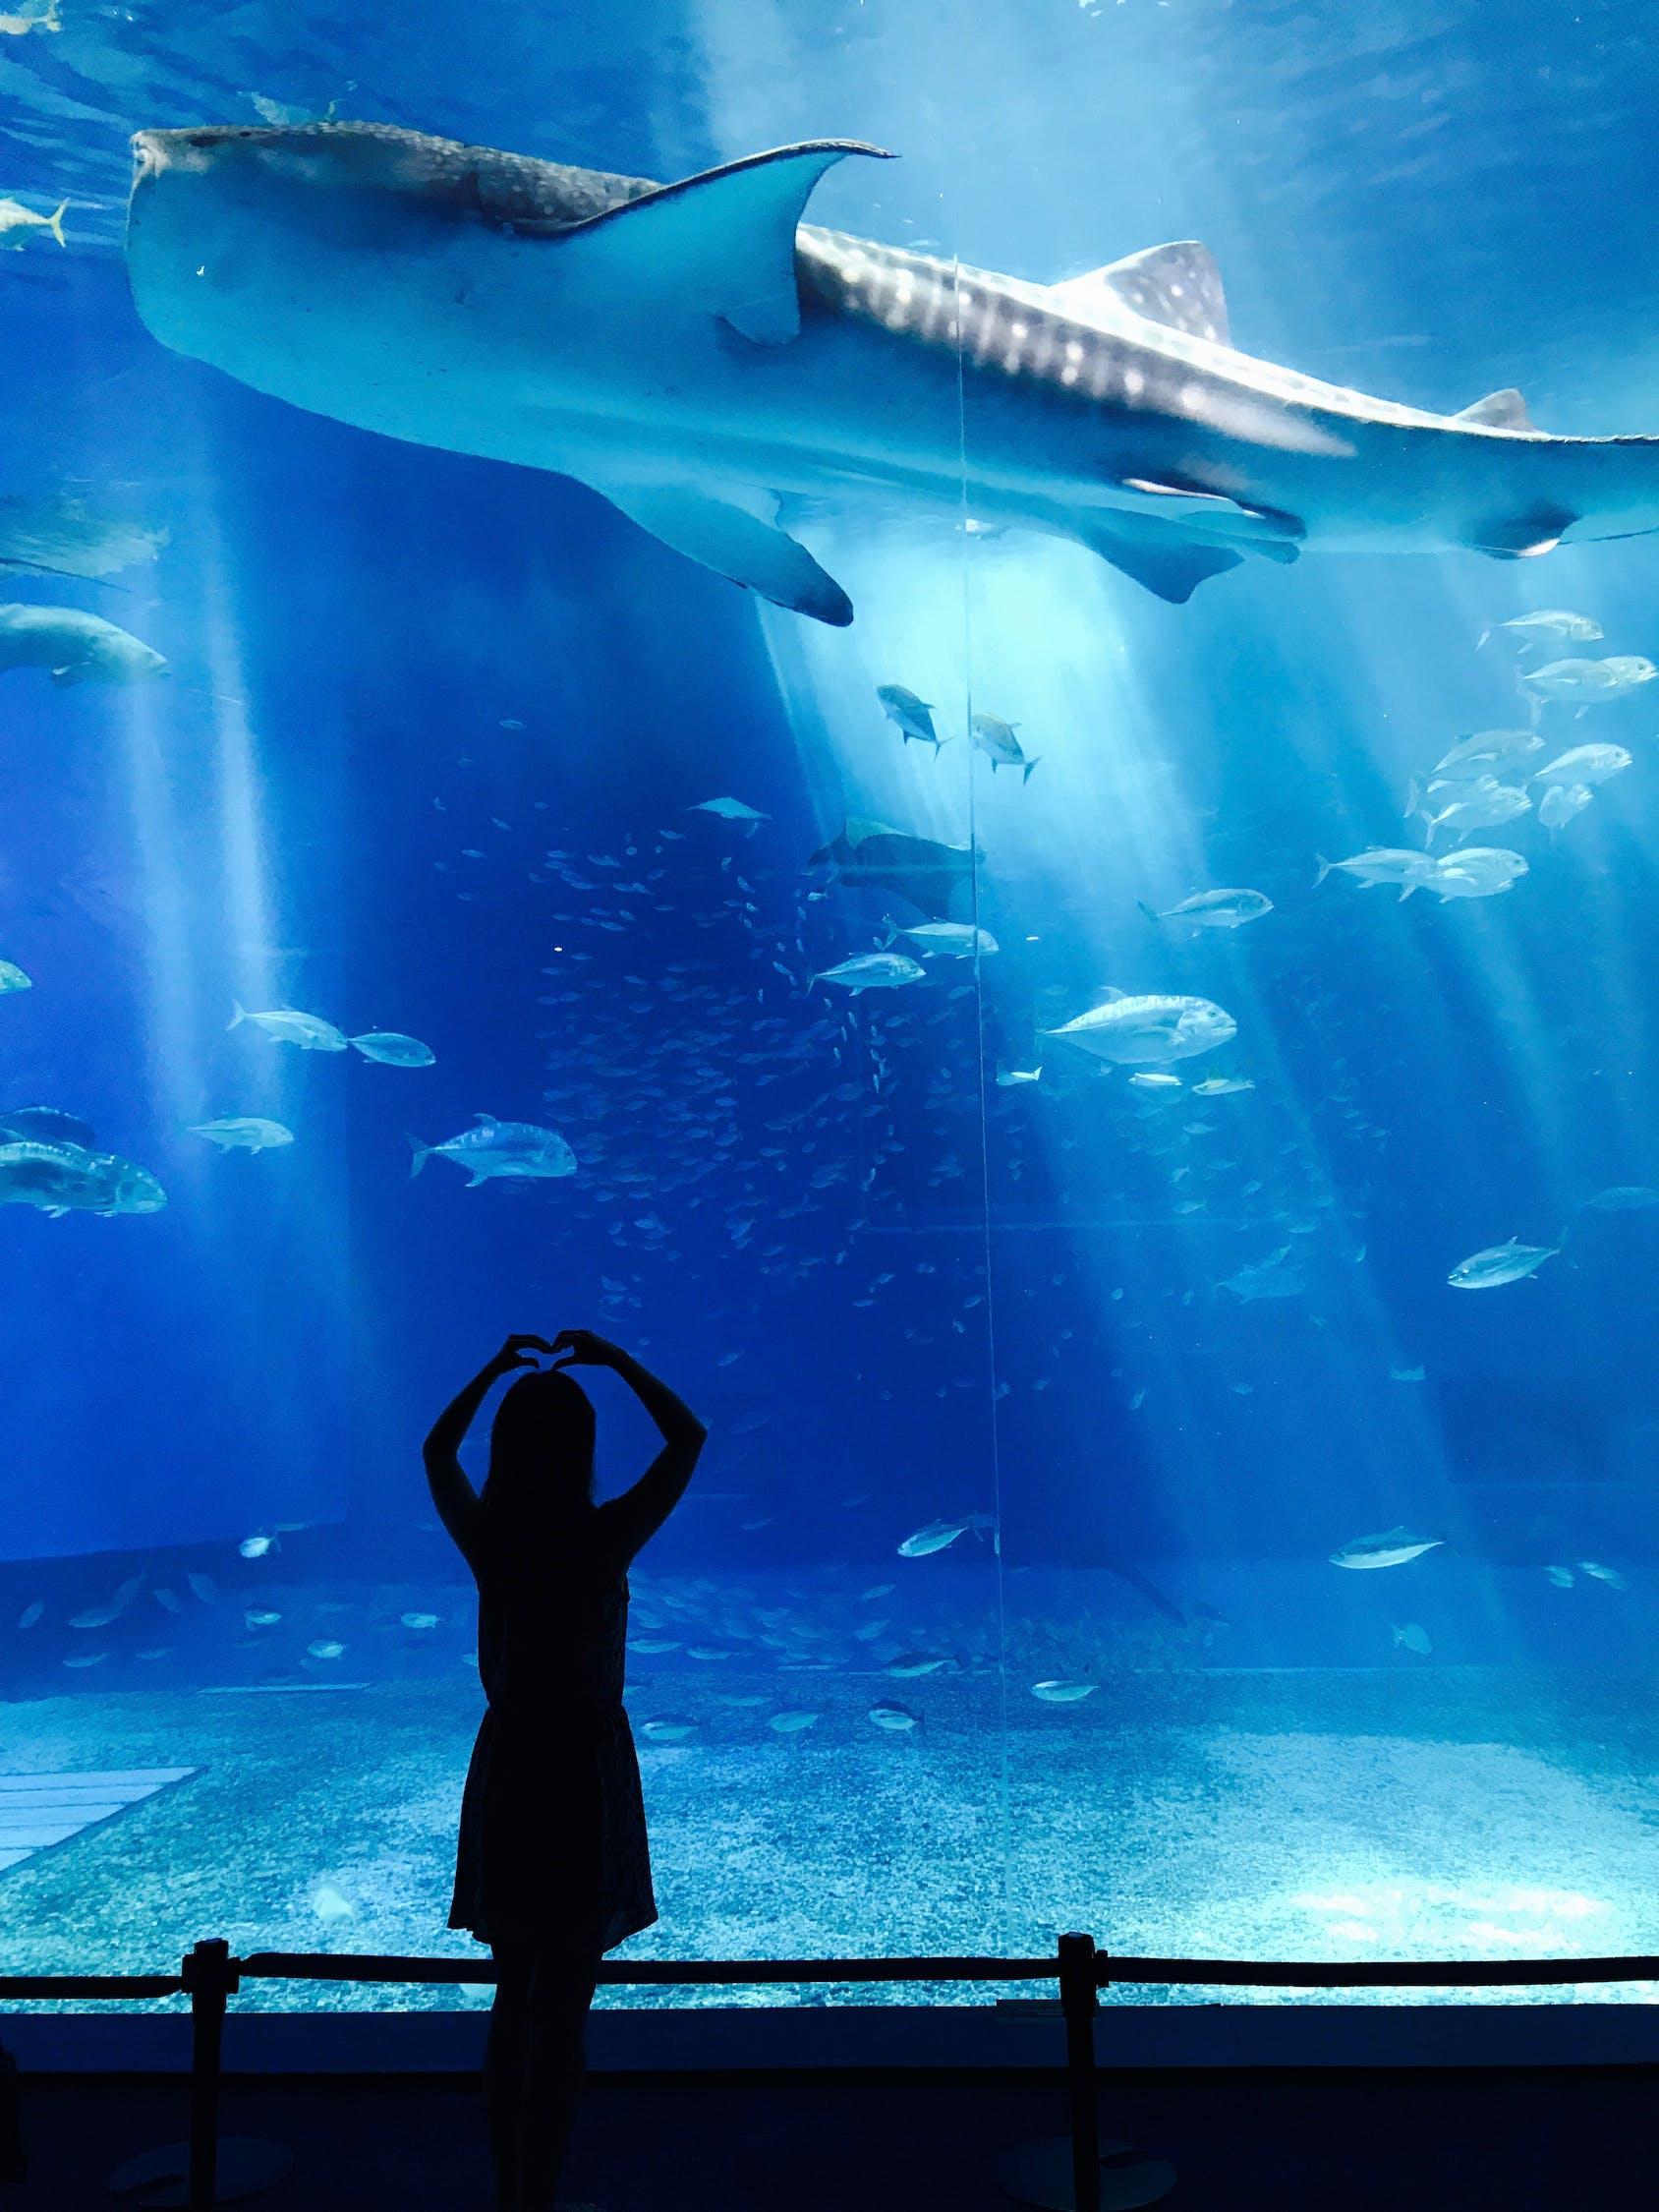 动物,水族馆,鱼,女孩,移动厕所,人,游泳,水下,水,野生动物